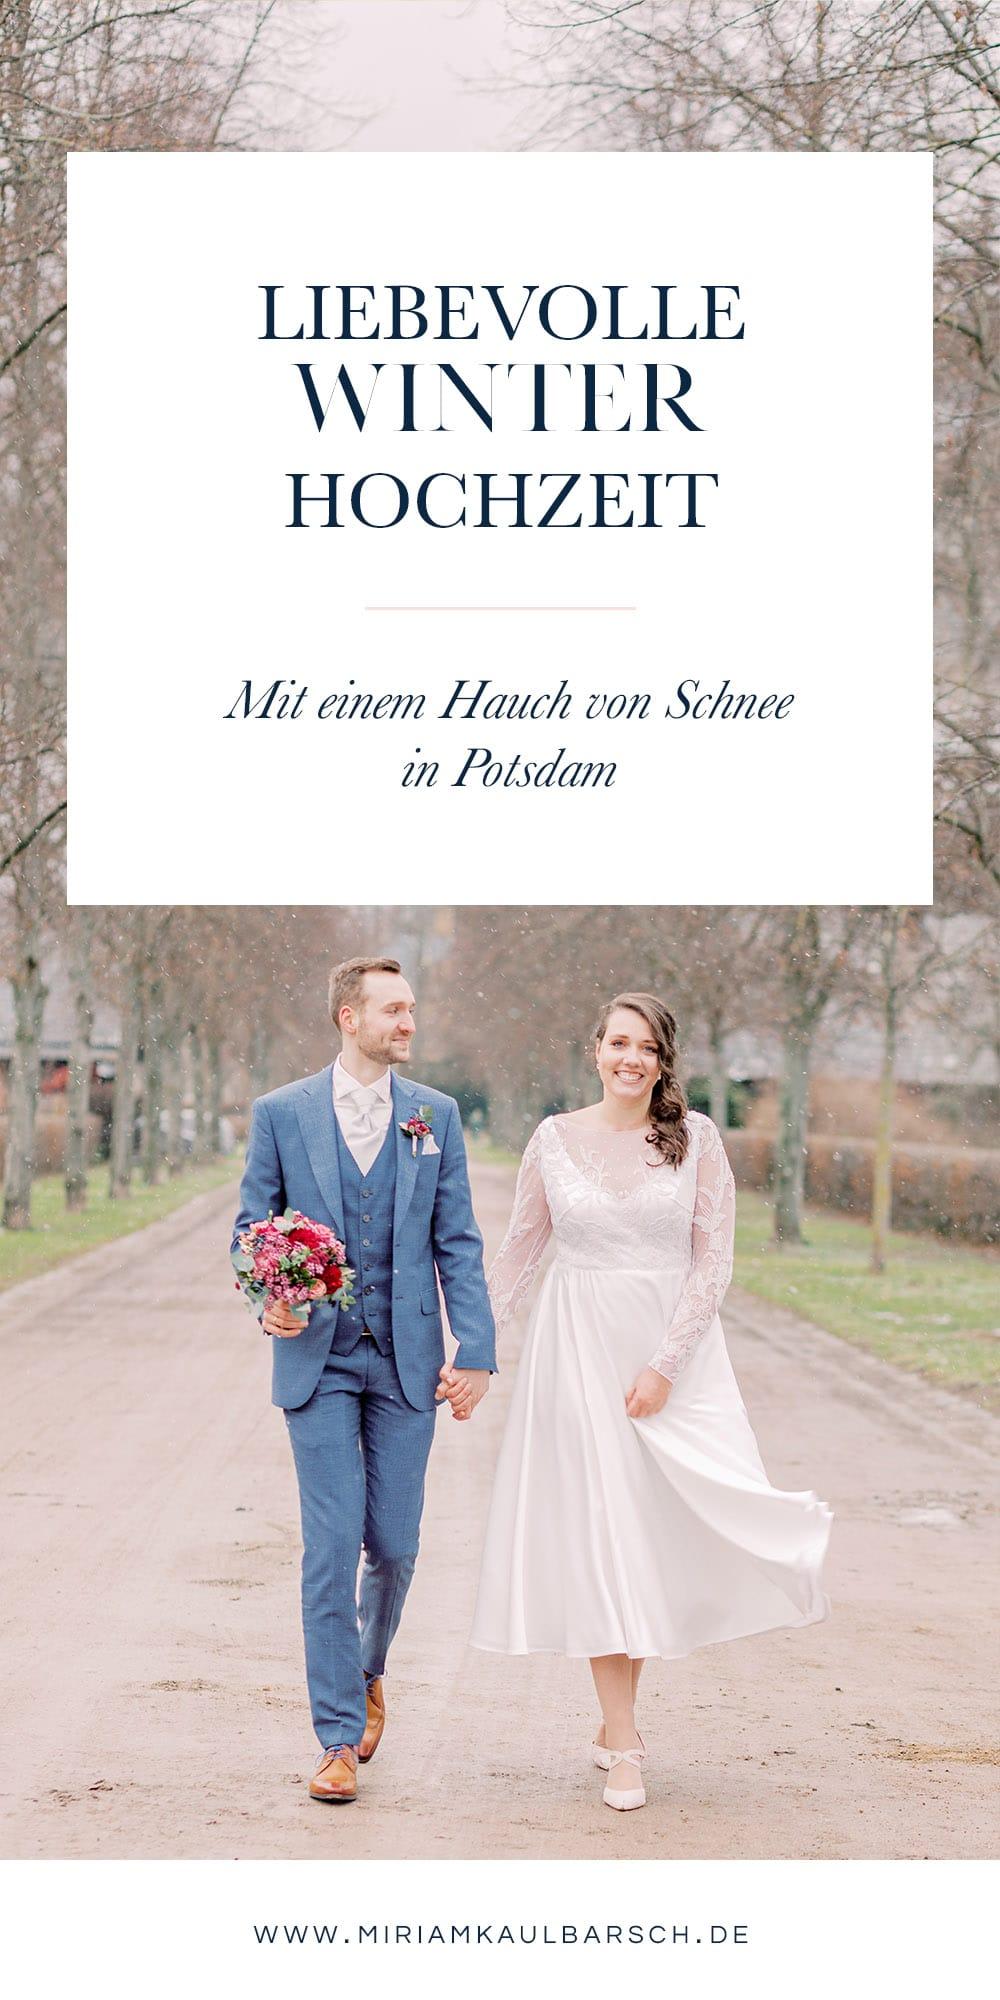 Eine liebevolle Winter Hochzeit mit einem Hauch von Schnee in Potsdam